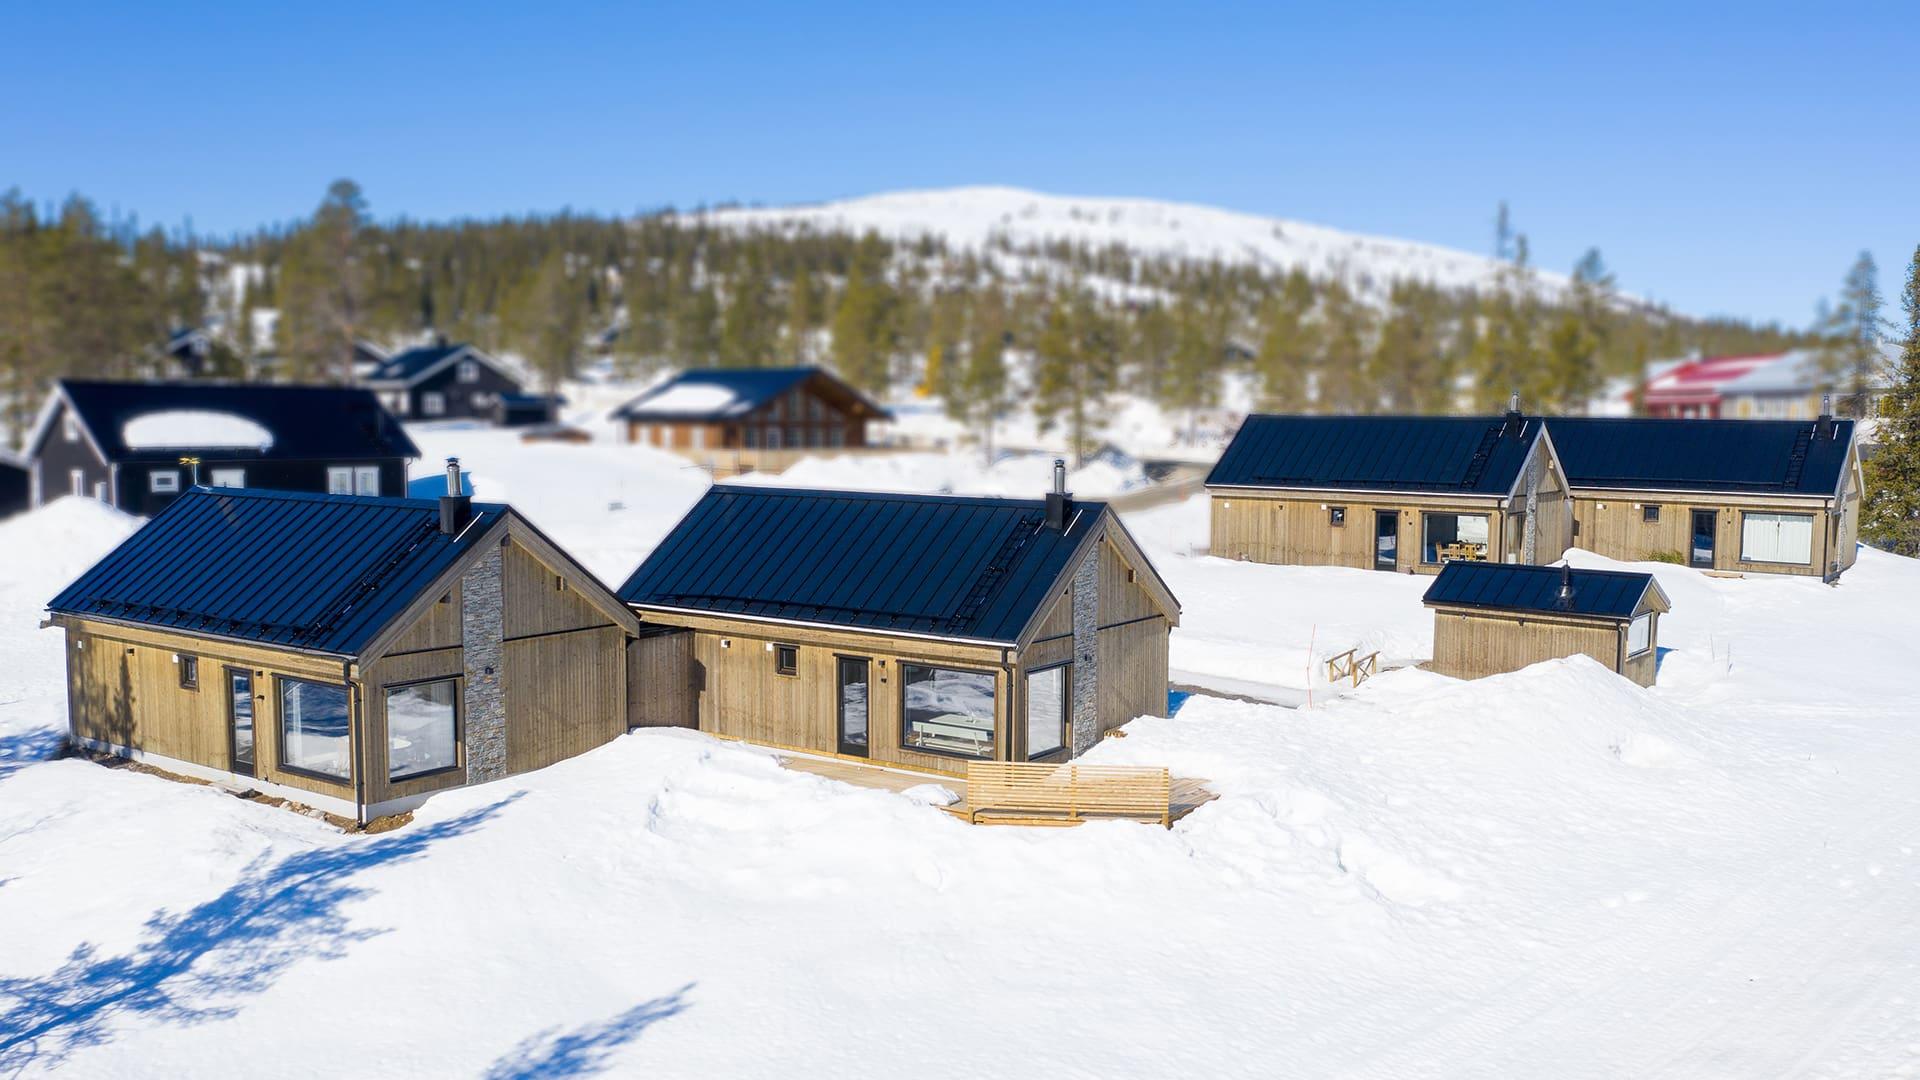 Шведски планински вили | Klövsjö 5:437 & 5:438, Швеция